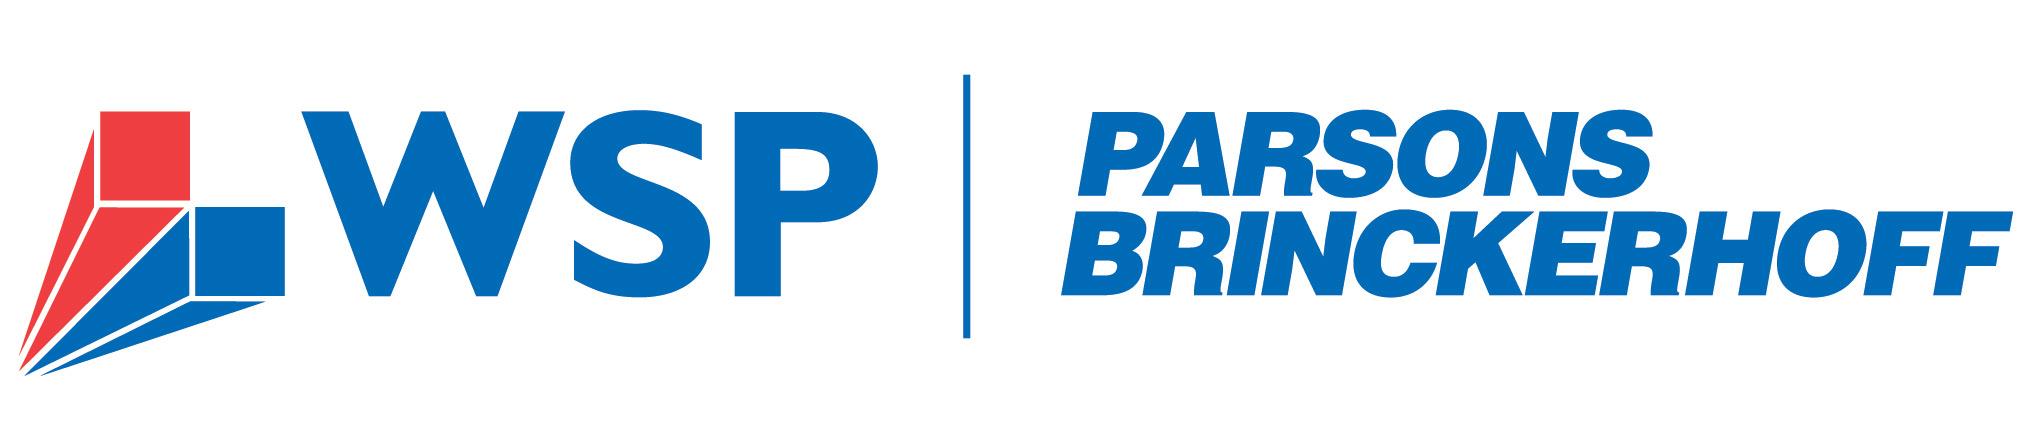 Parsons-Brinckerhoff-2015-Logo